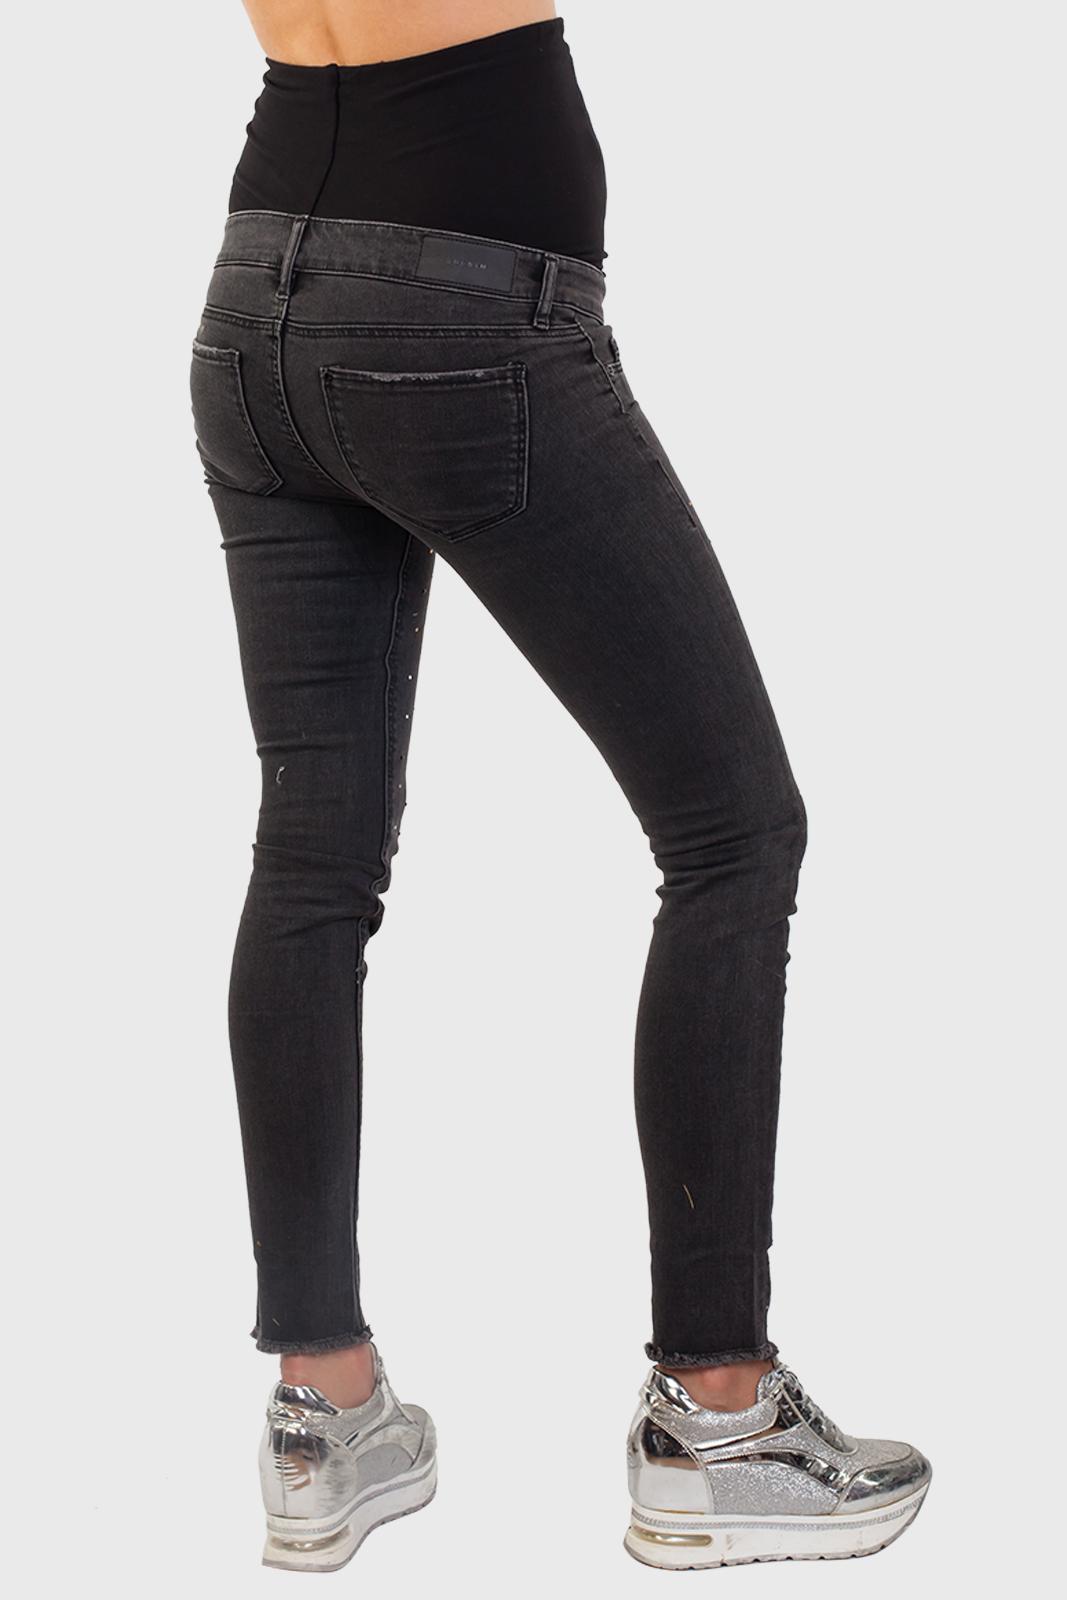 Заказать брюки-джинсы для беременных от DENIM (Турция)